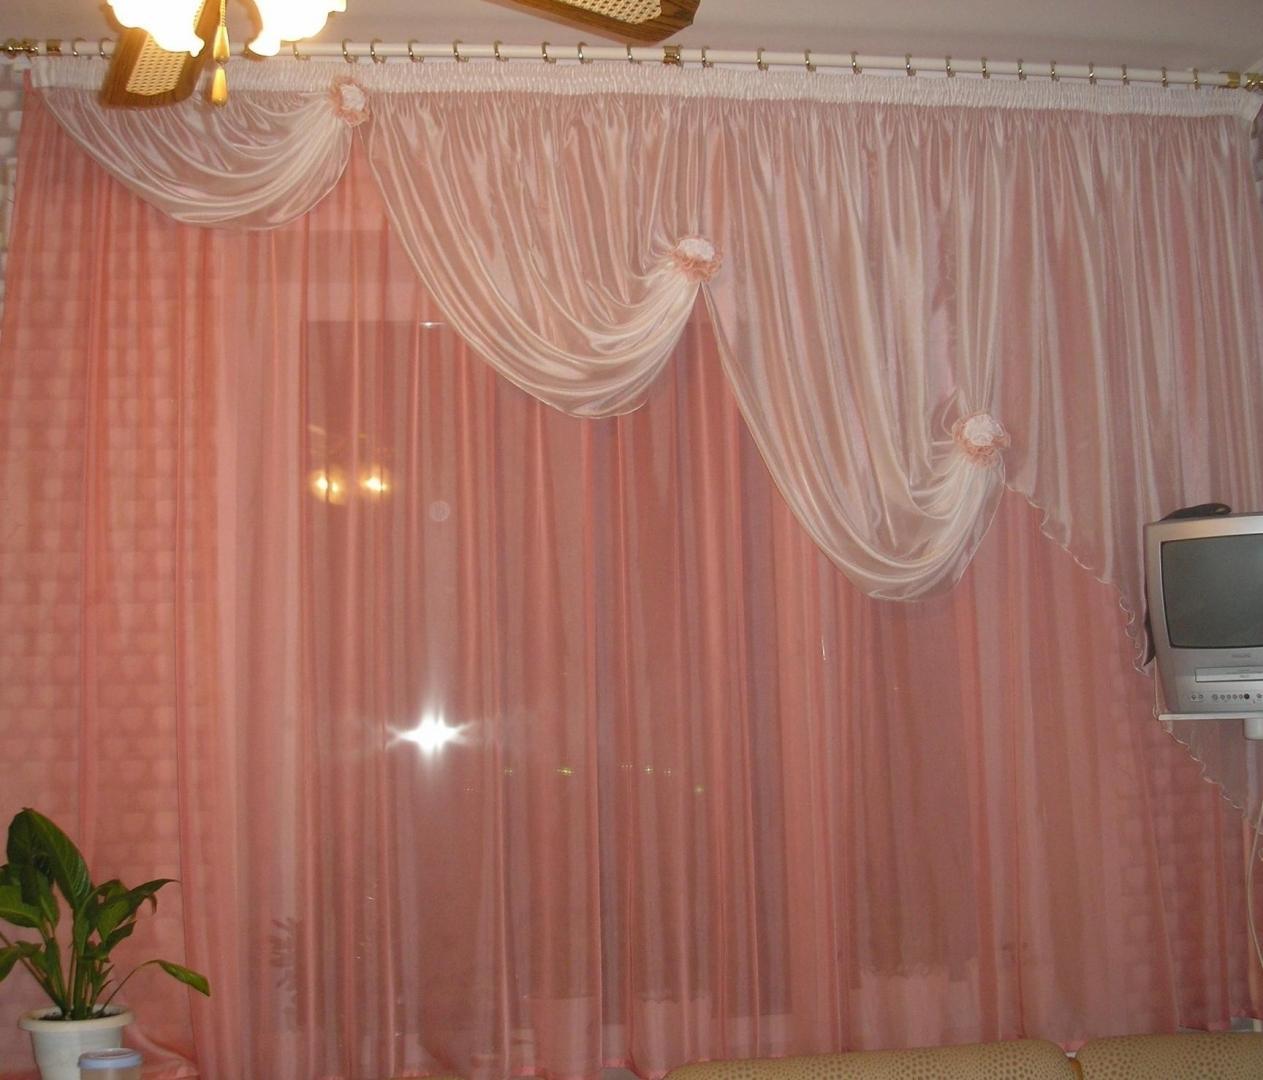 выкроить сшить тюль и ламбрекены для спальни фото создал много